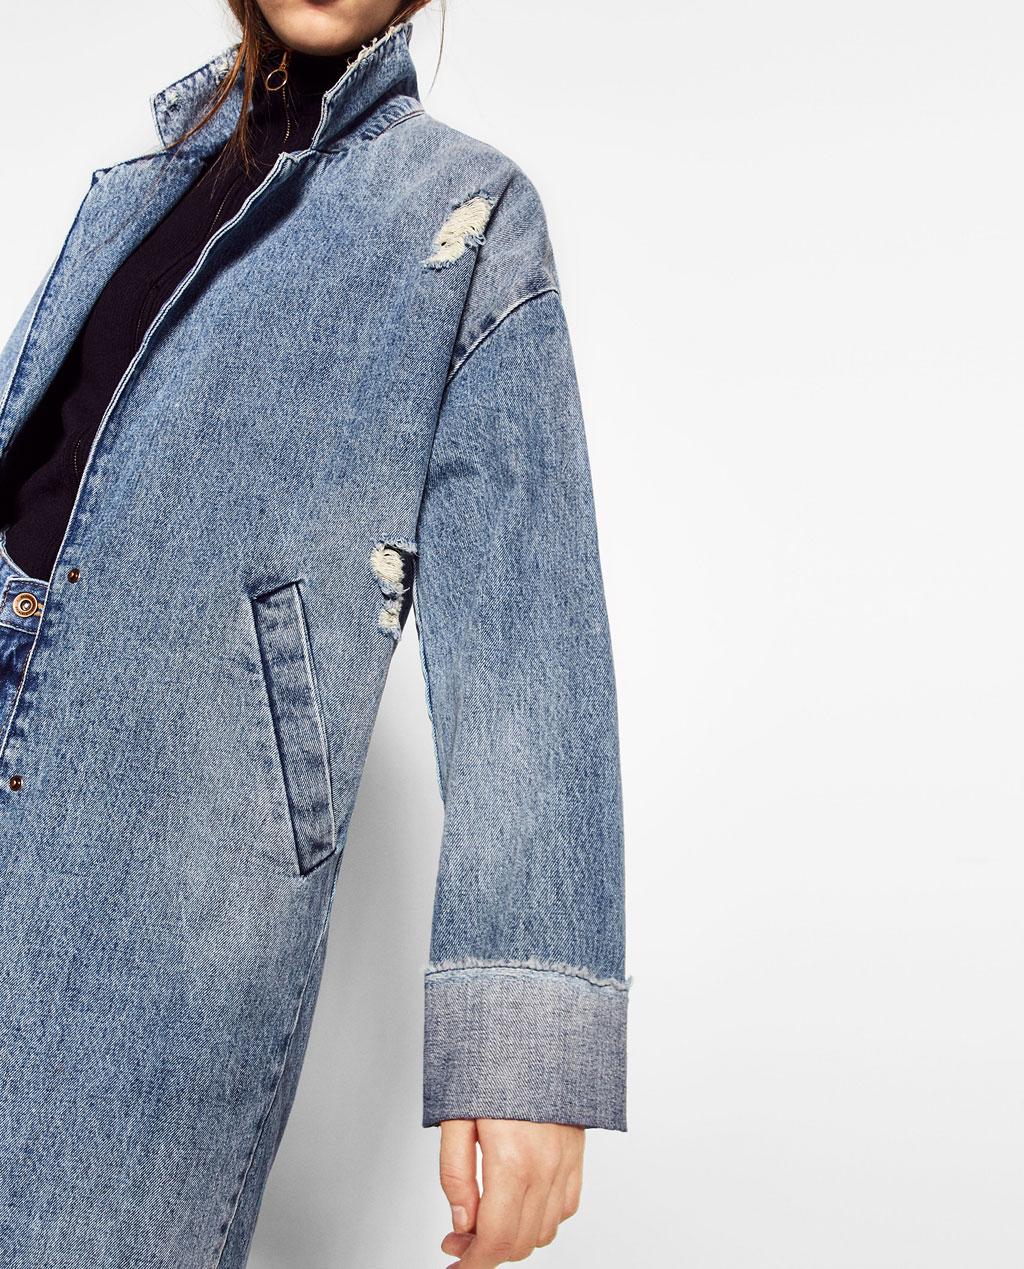 Jean jacket: ZARA $39.95